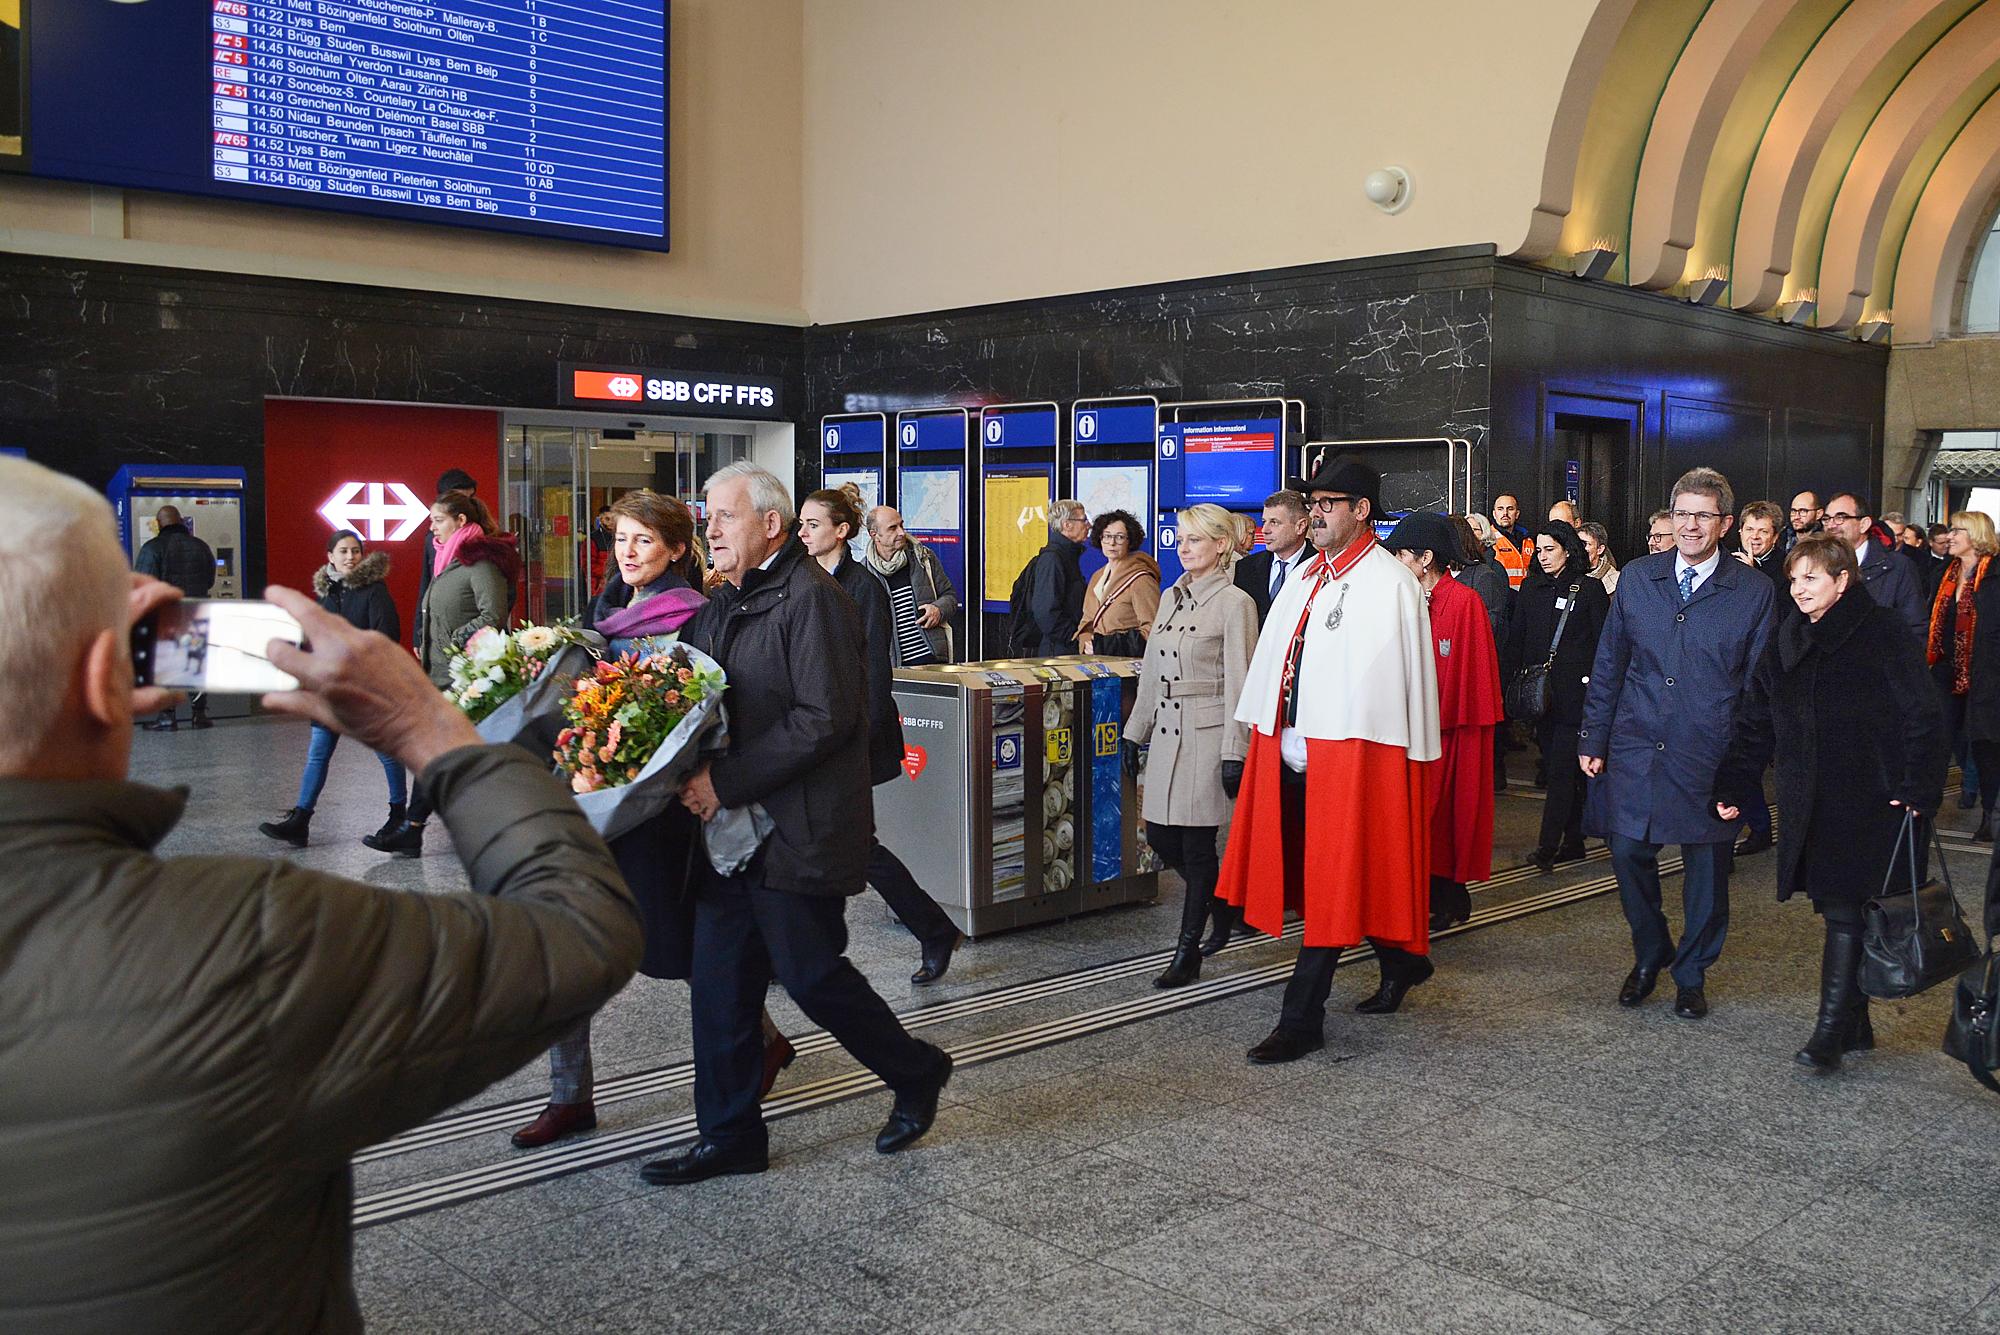 Ein Extrazug aus Bern hat die Gäste nach Biel gebracht